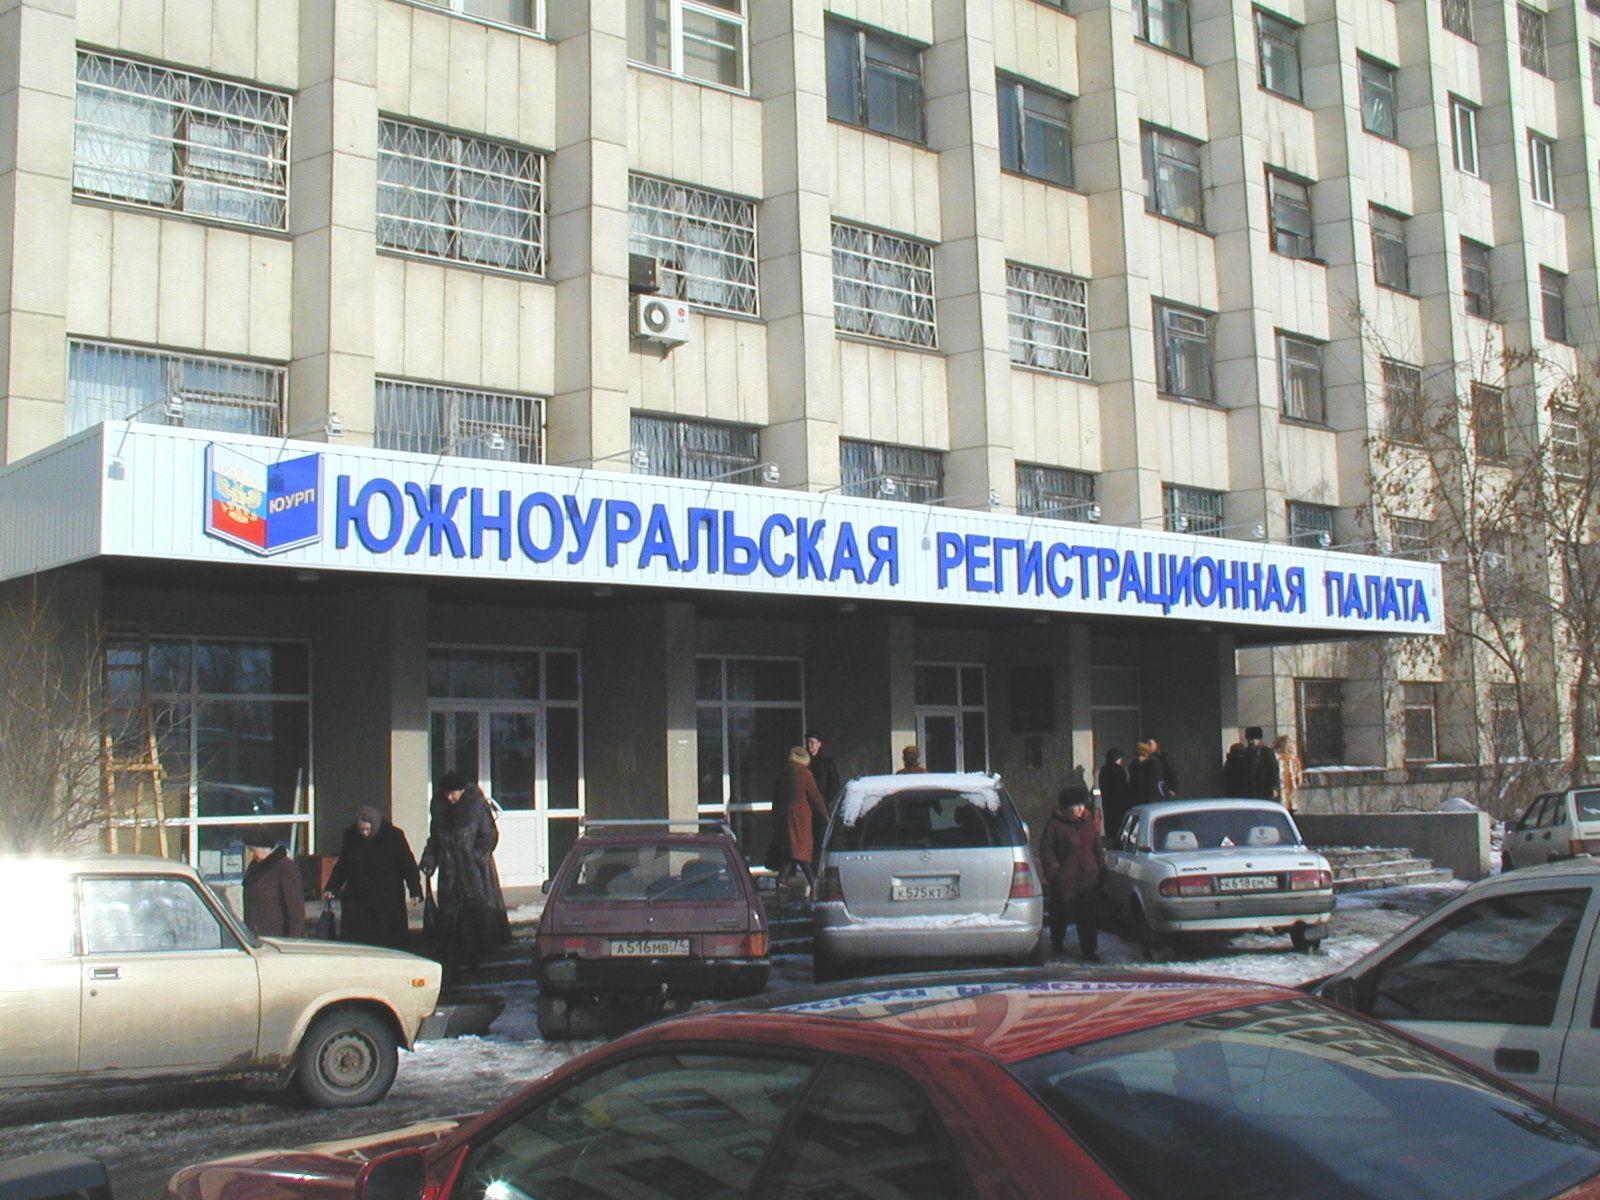 Первый из семи филиалов регистрационной палаты открылся в мае 1998 года